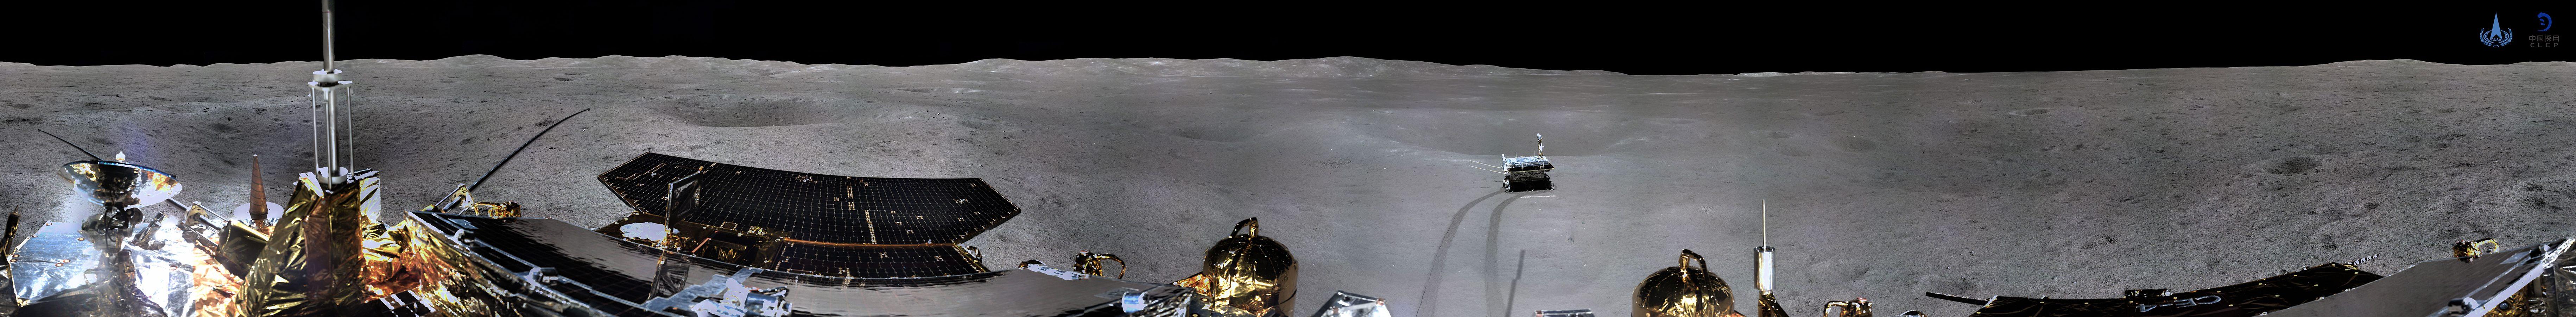 e premier panorama depuis la face cachée Lune